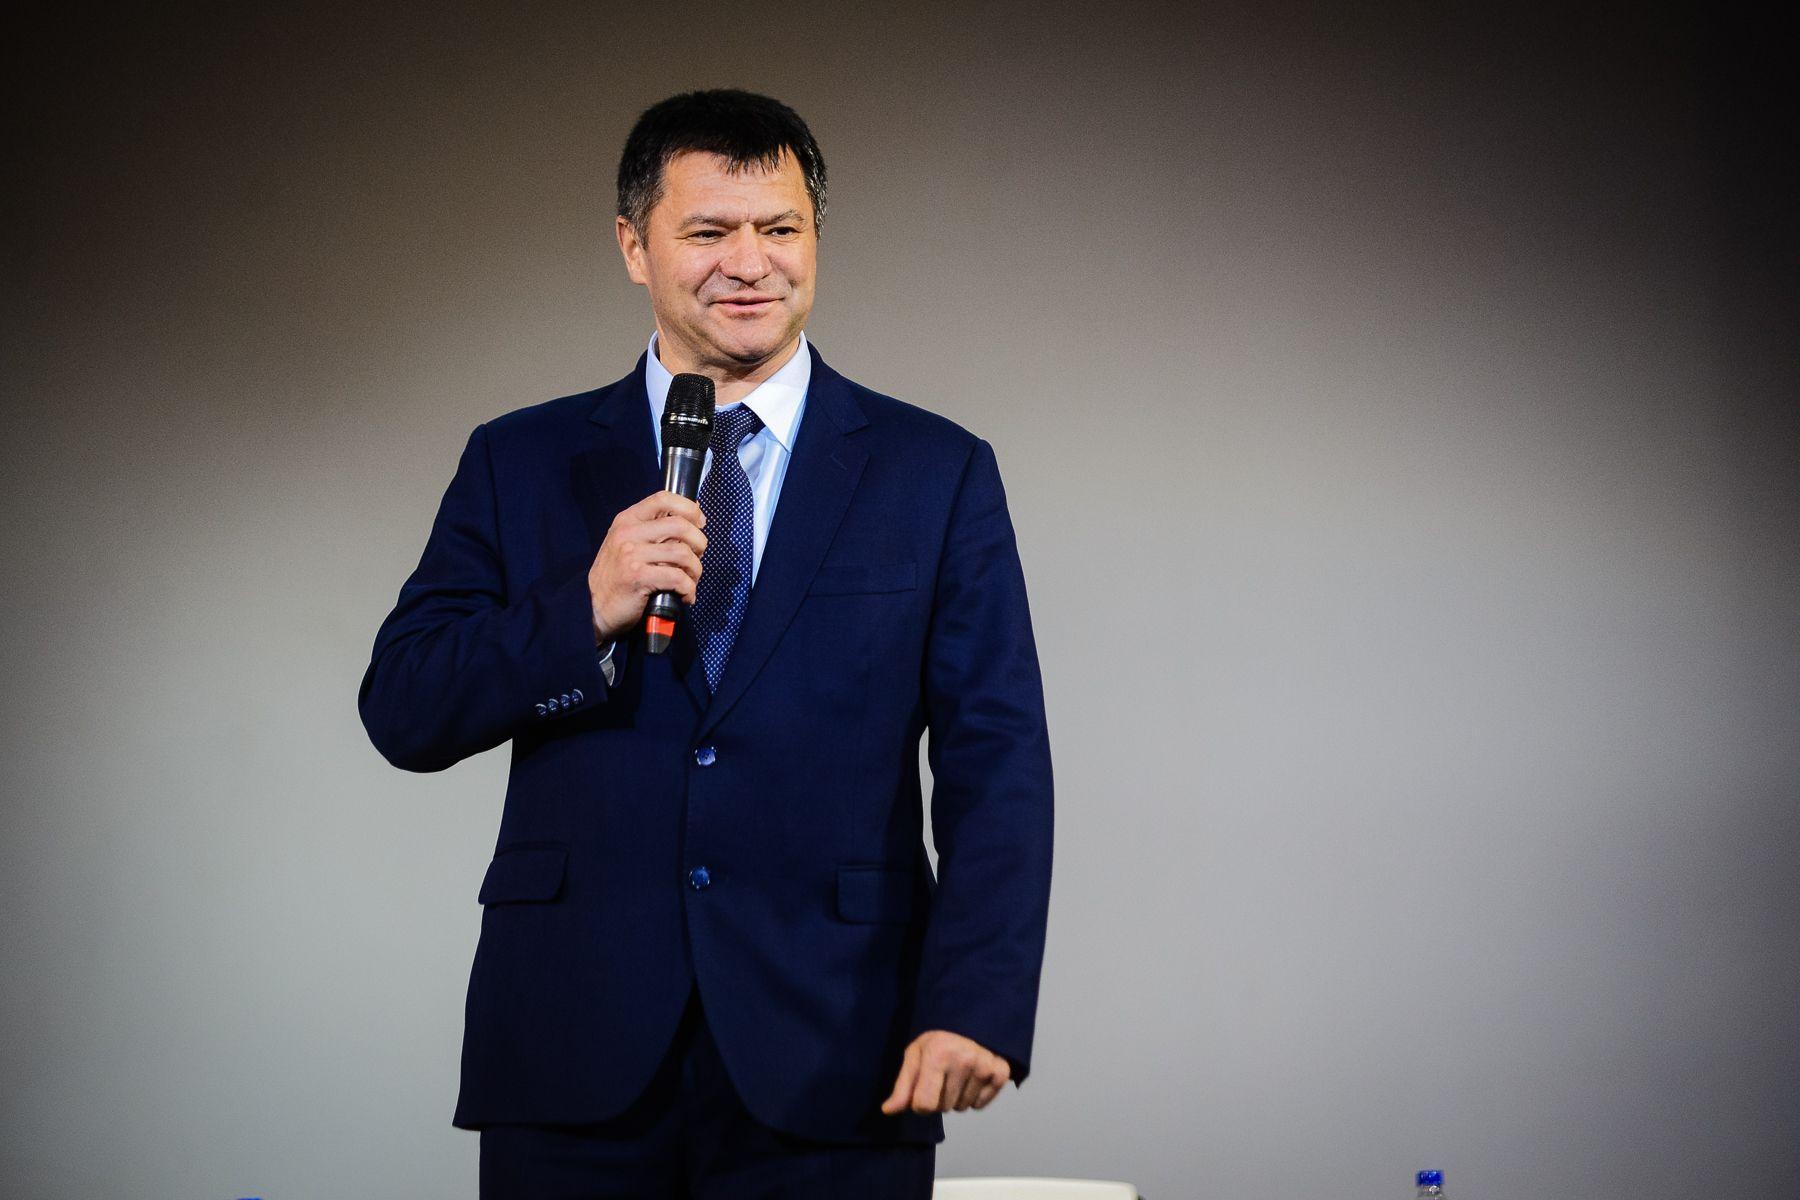 Губернатор предложил студентам ВГУЭС работу в администрации Приморского края